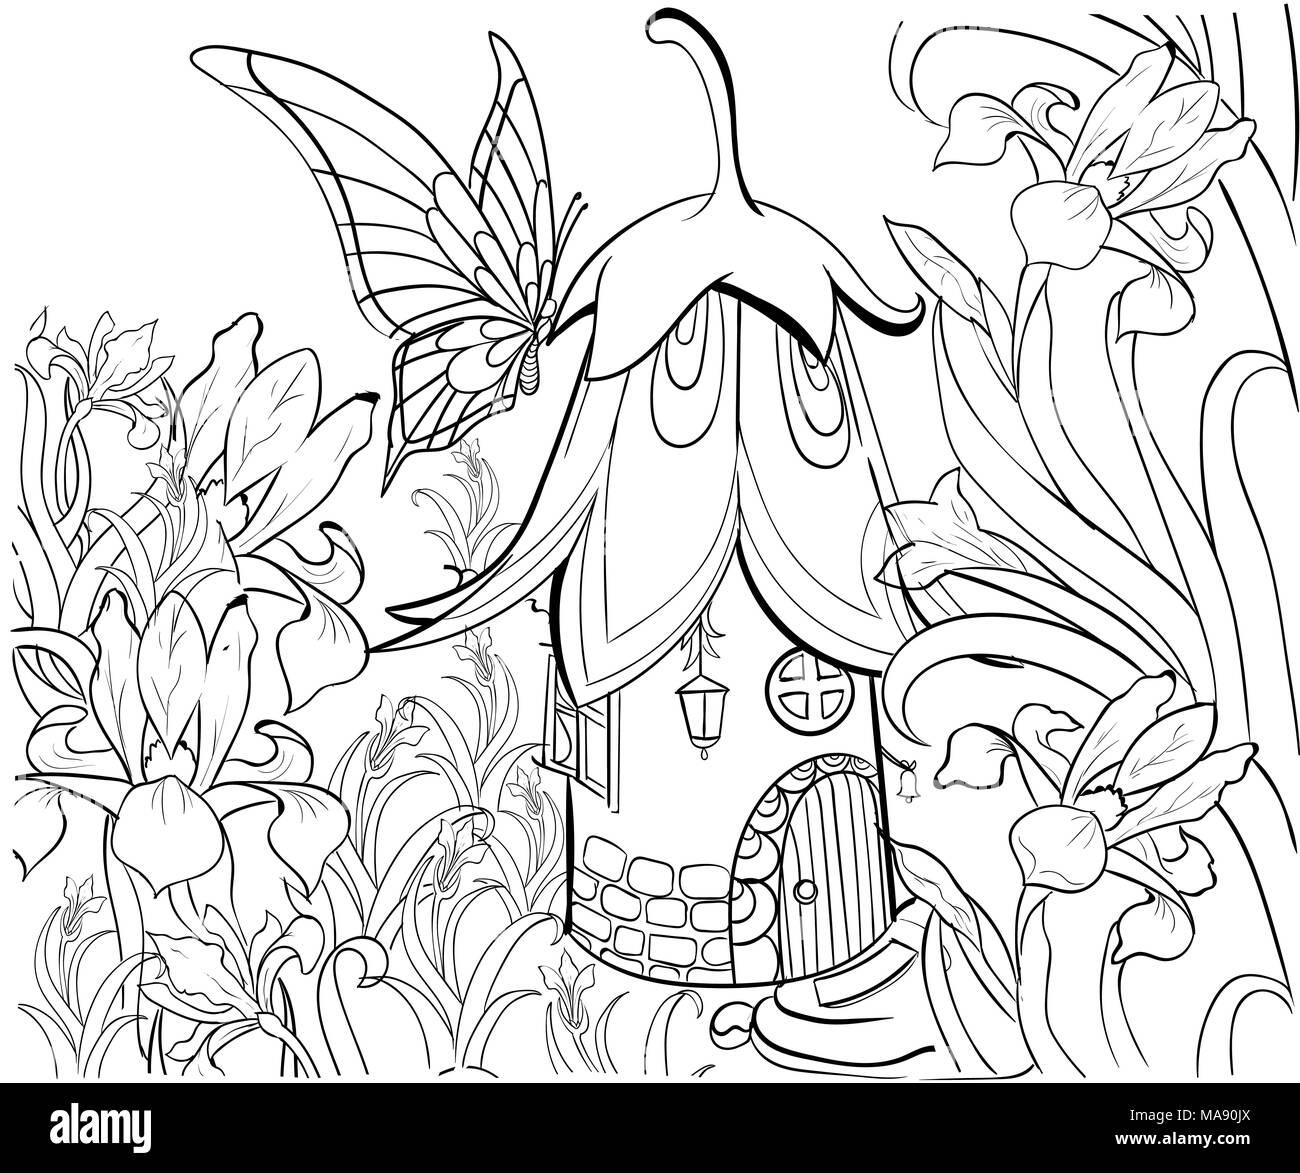 Casa de hadas para colorear. Elementos florales, mariposas y flores ...